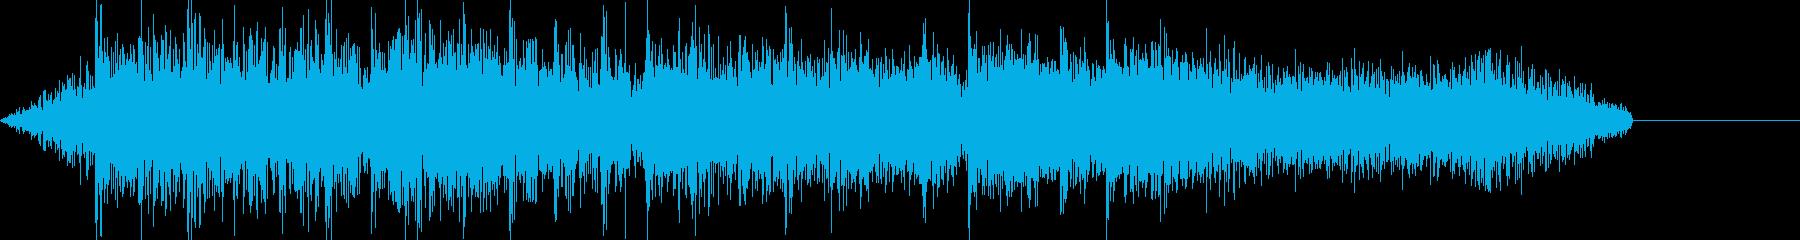 ボーナス確定 レベルアップ音の再生済みの波形